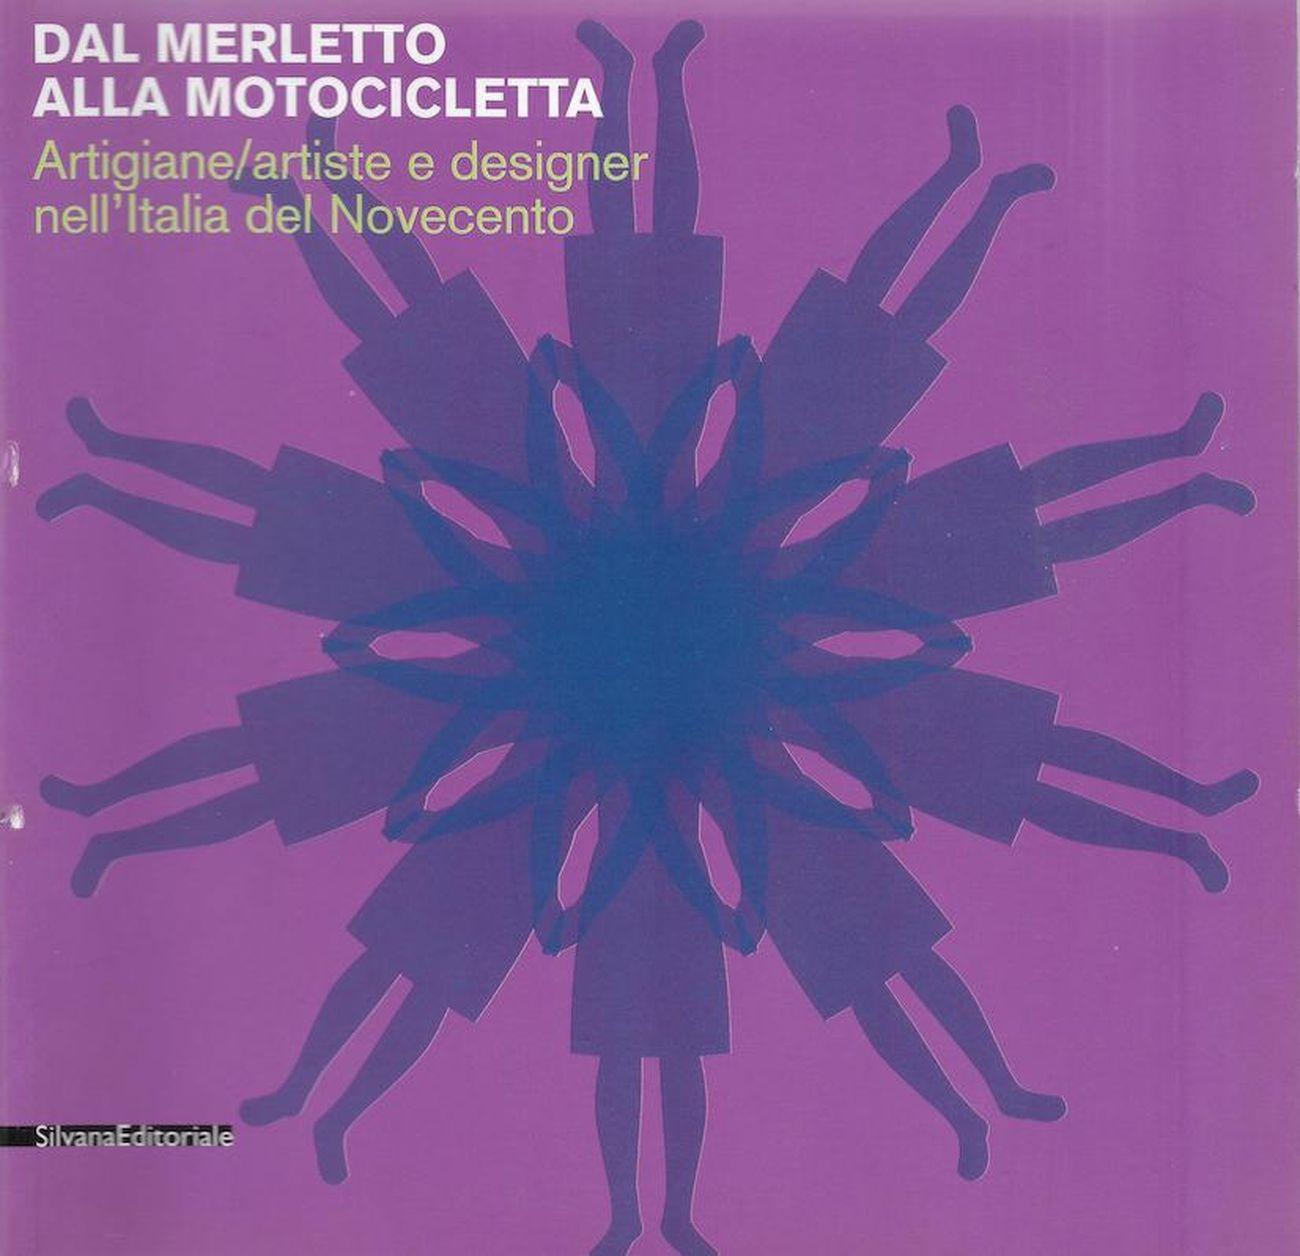 Dal Merletto alla Motocicletta, a cura di Anty Pansera. Catalogo della mostra, Palazzo dei Diamanti, Ferrara 2002